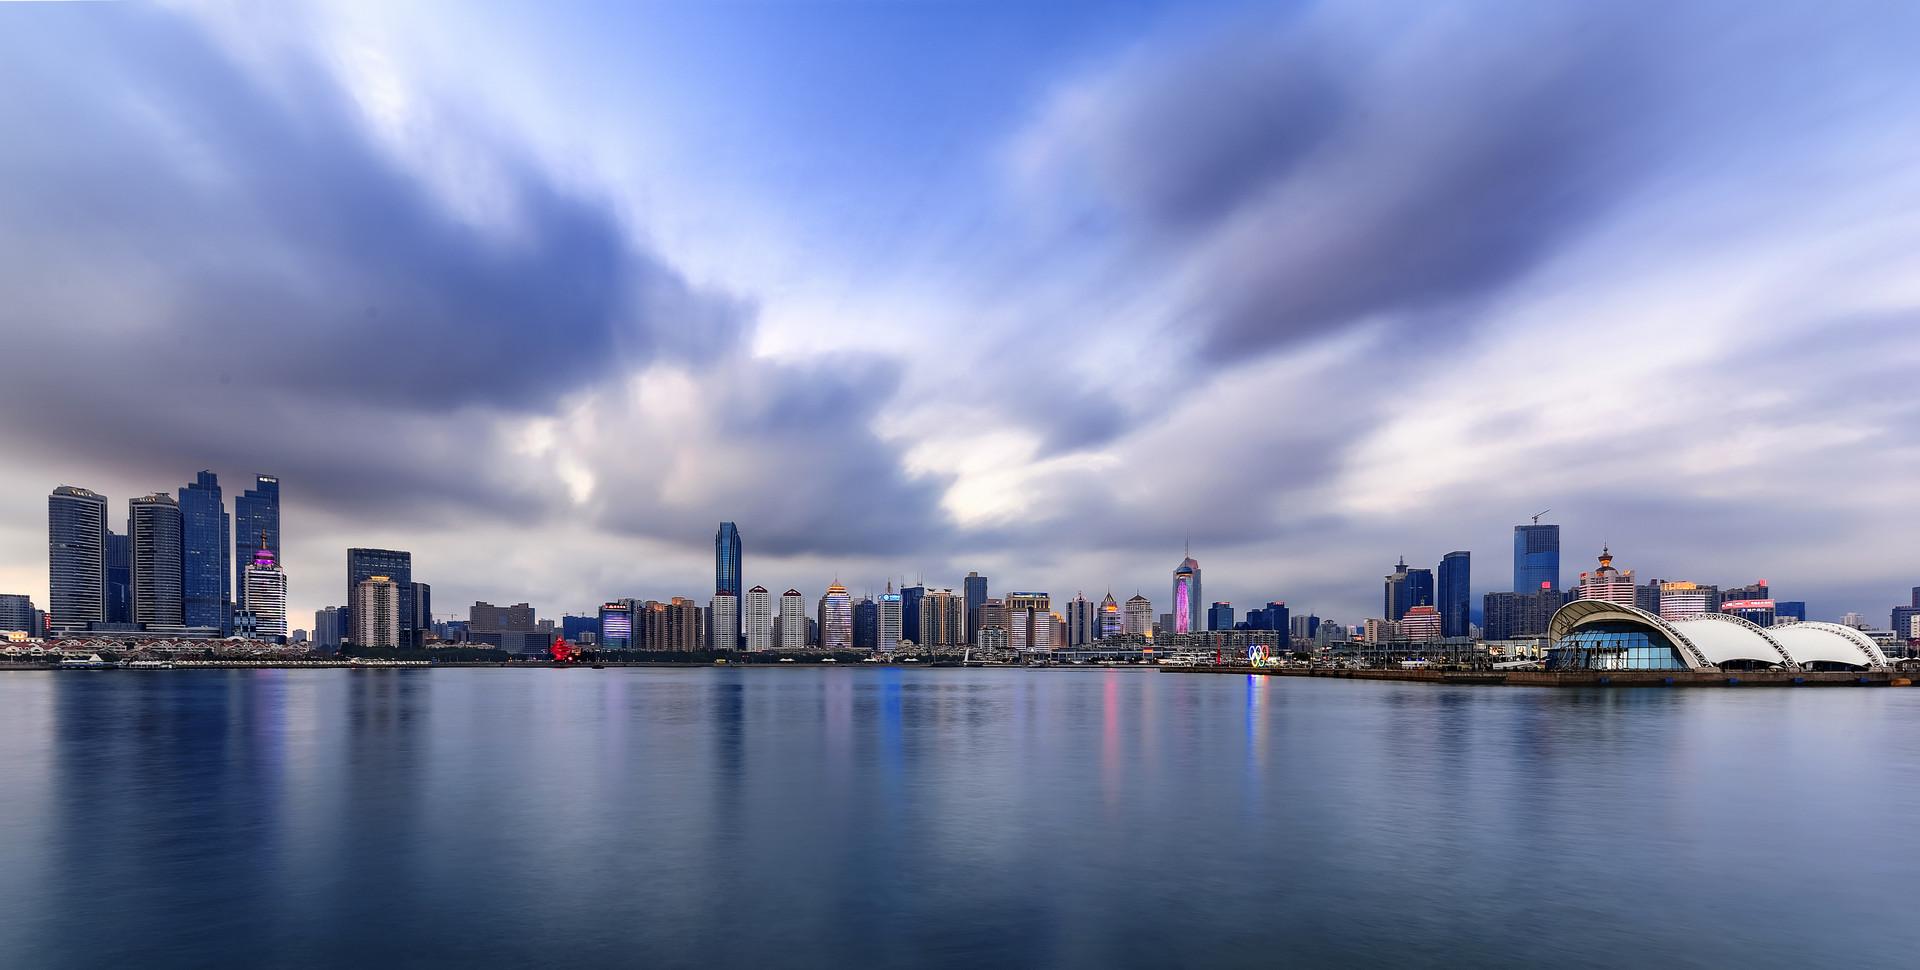 财经资讯_新规划!青岛潍坊一体化再添支点城市!_青岛频道_凤凰网